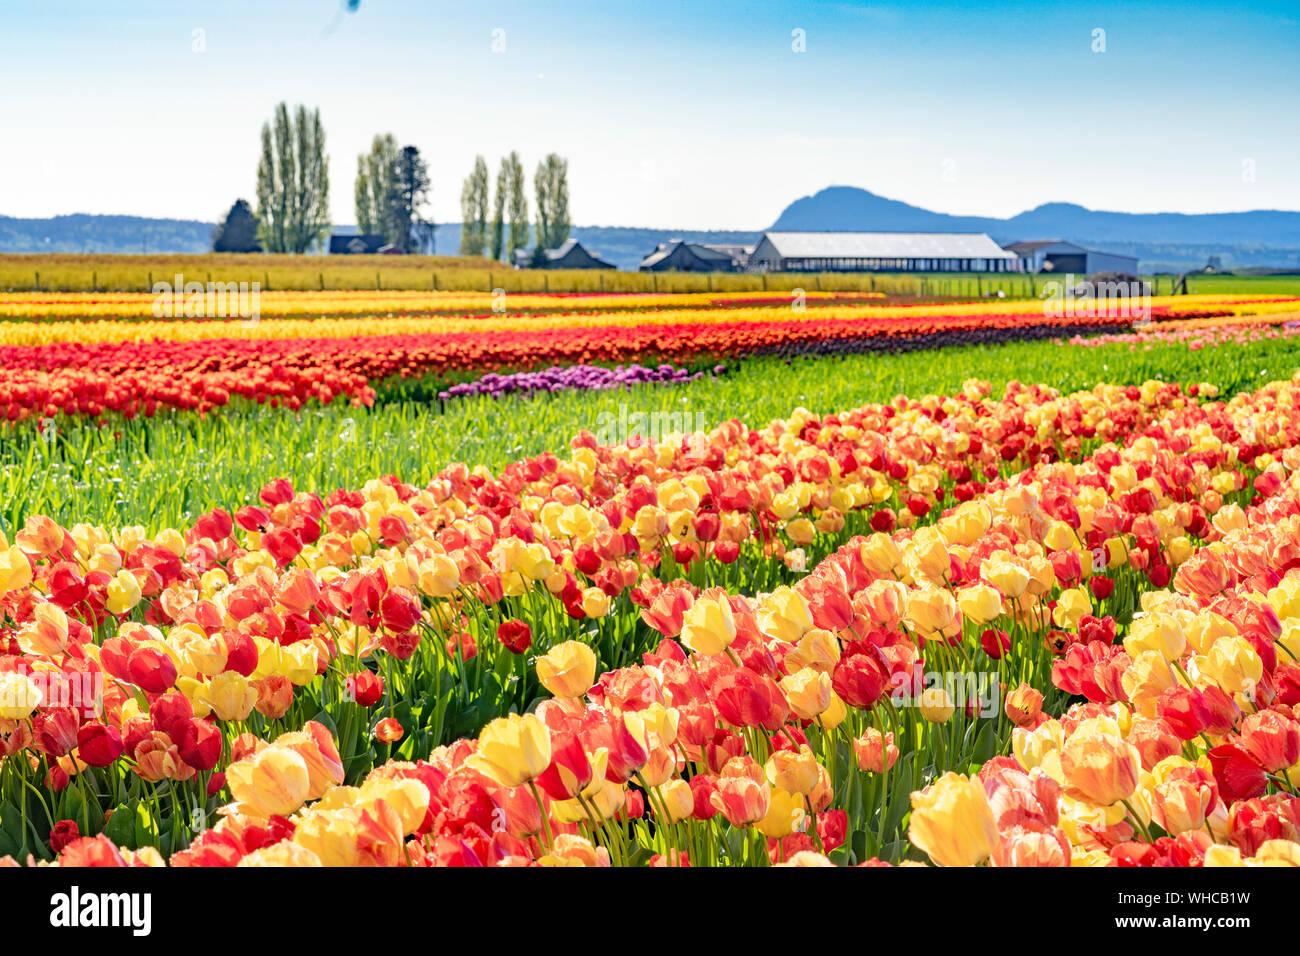 Bright multi-colored tulip field landscape. Stock Photo